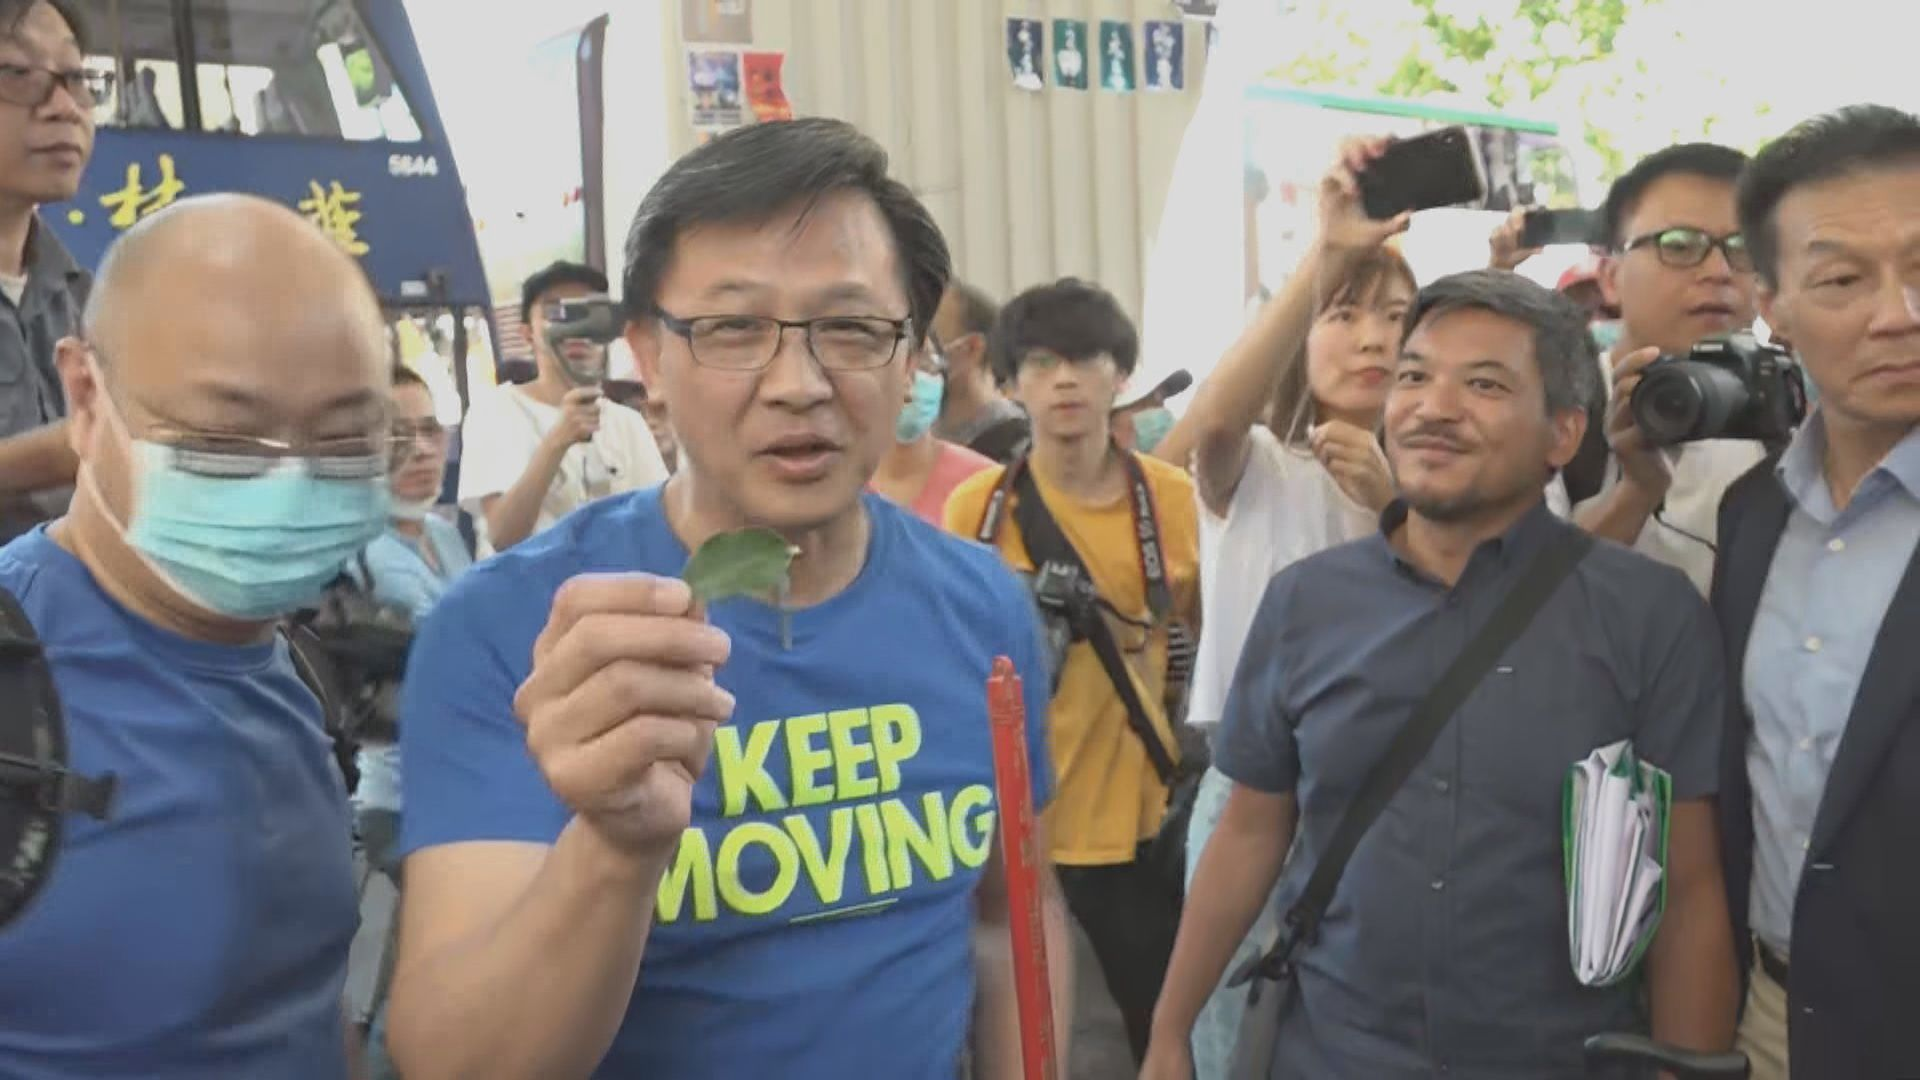 何君堯:冀清潔運動給予年青人榜樣